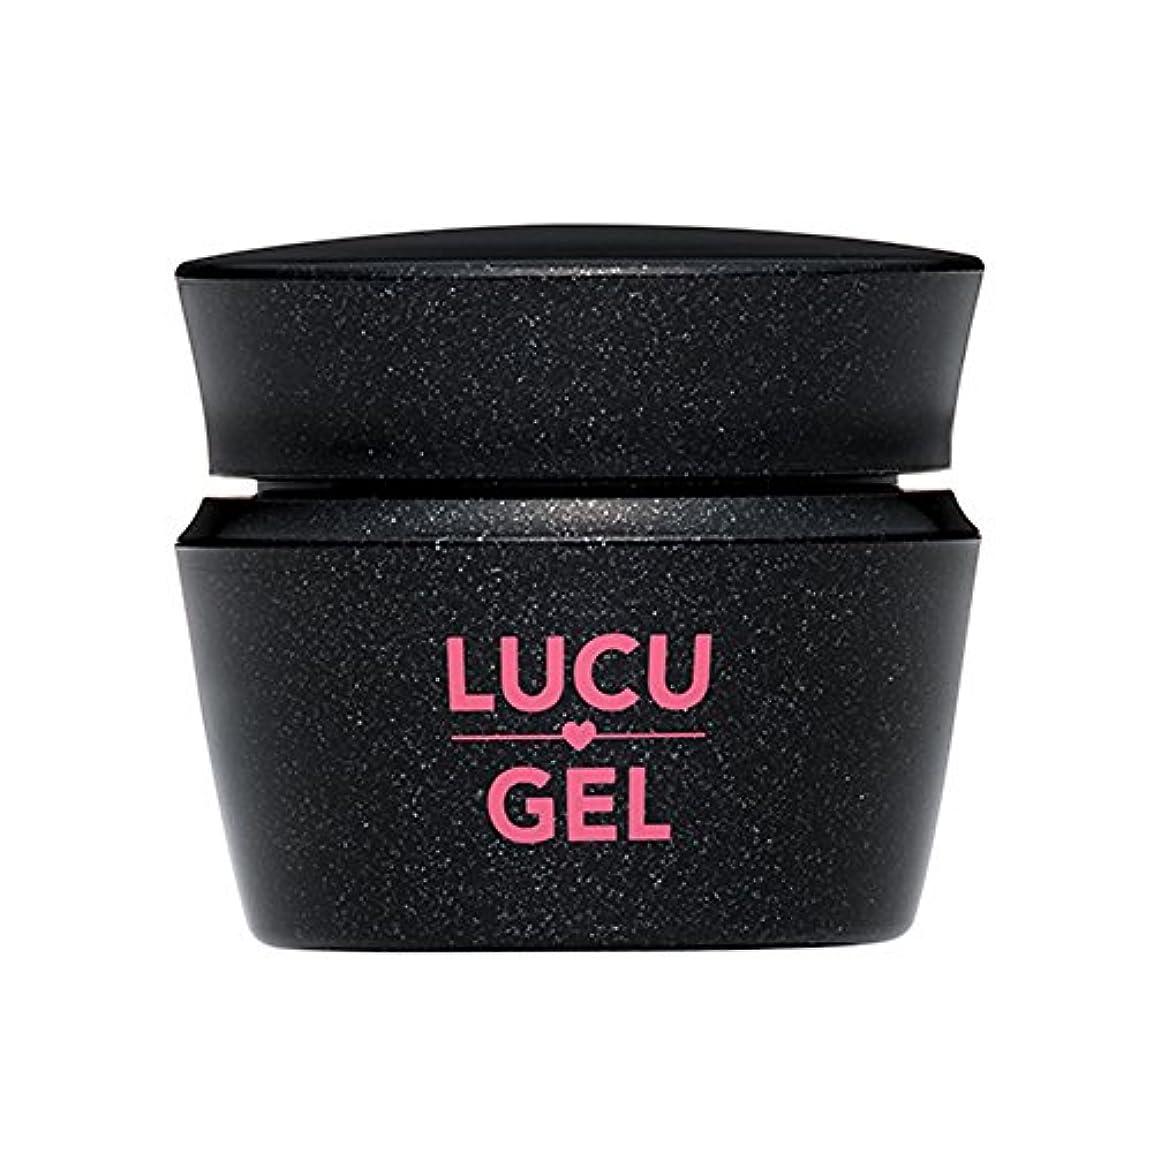 LUCUGEL カラージェル IVA02 3.5g アート用 UV/LED対応